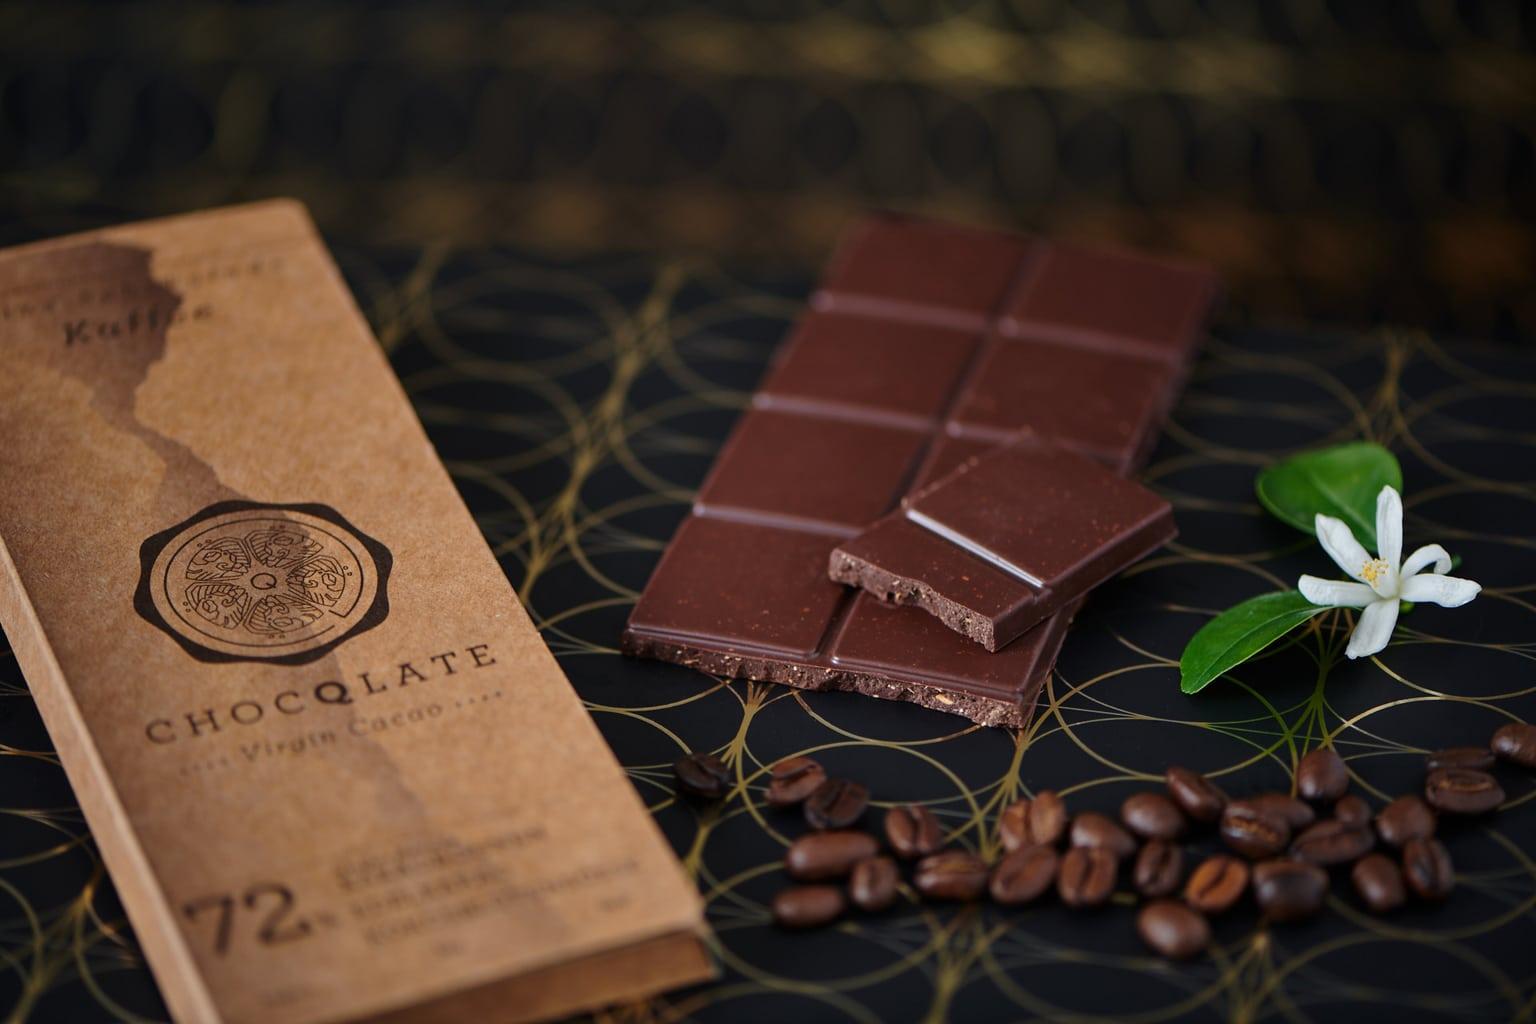 Chocola met 72 procent cacao van Choqlate in München